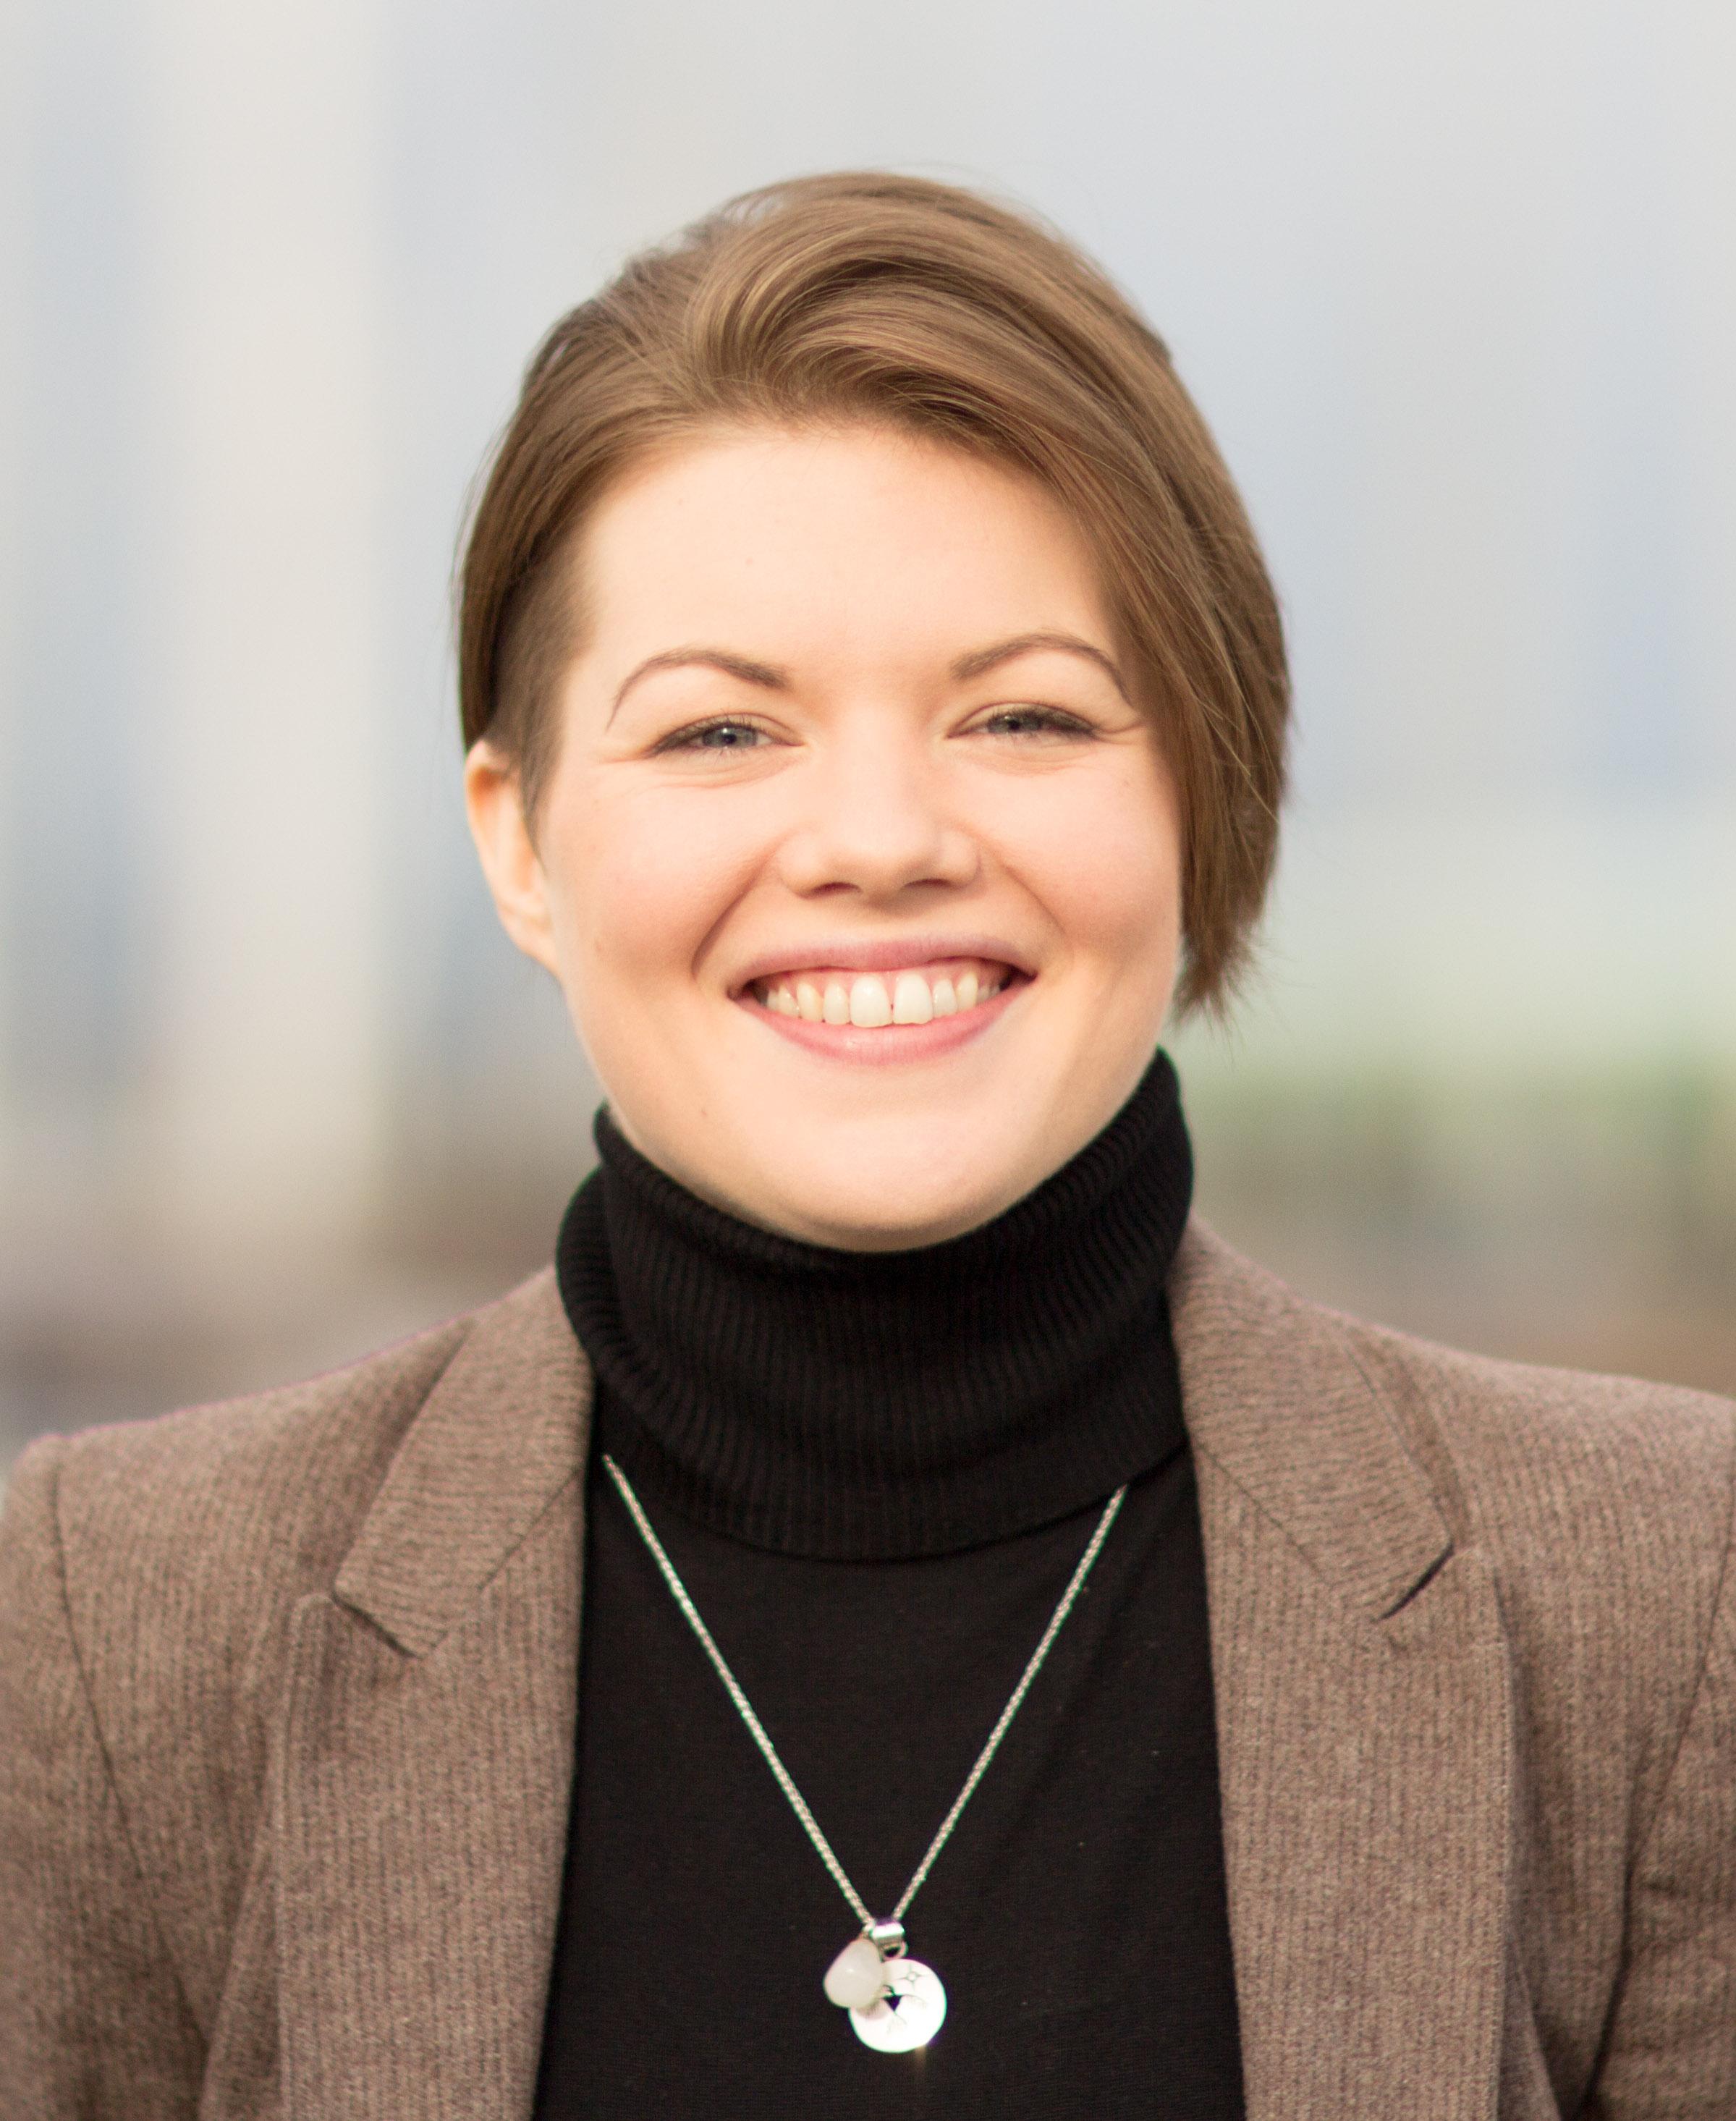 Nikki Bailey